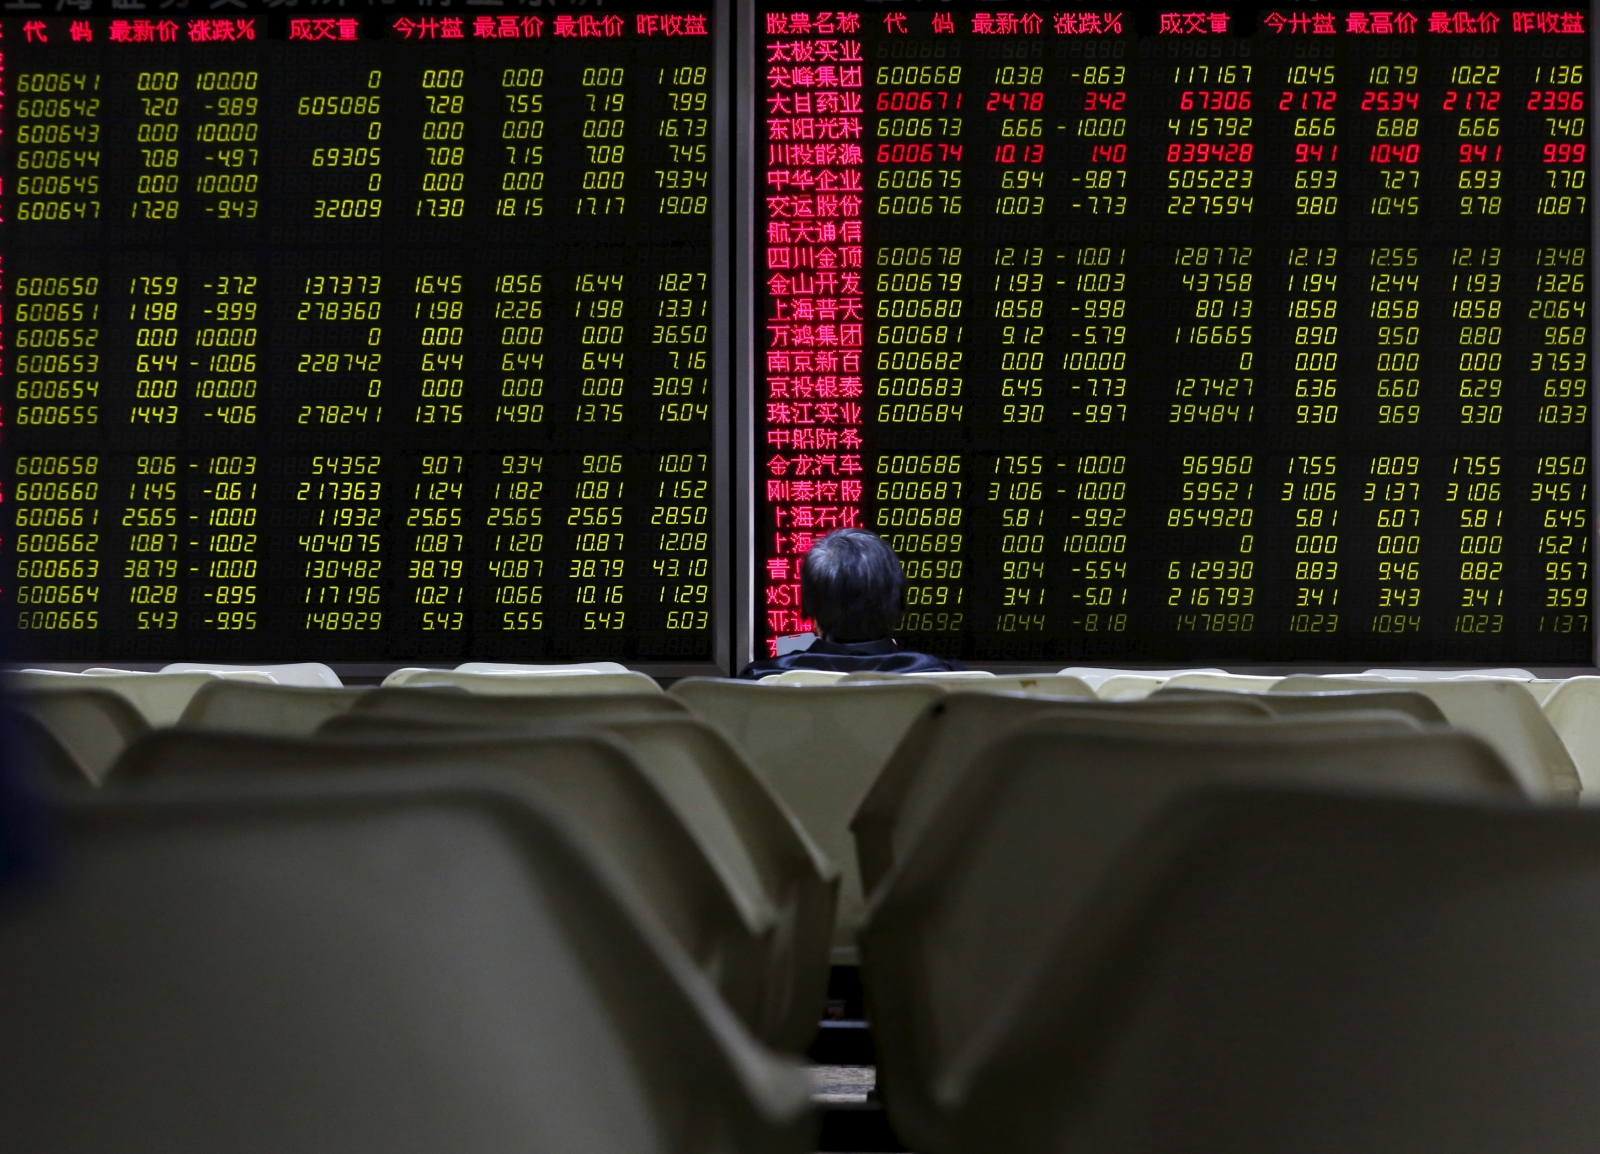 Beijing bourse